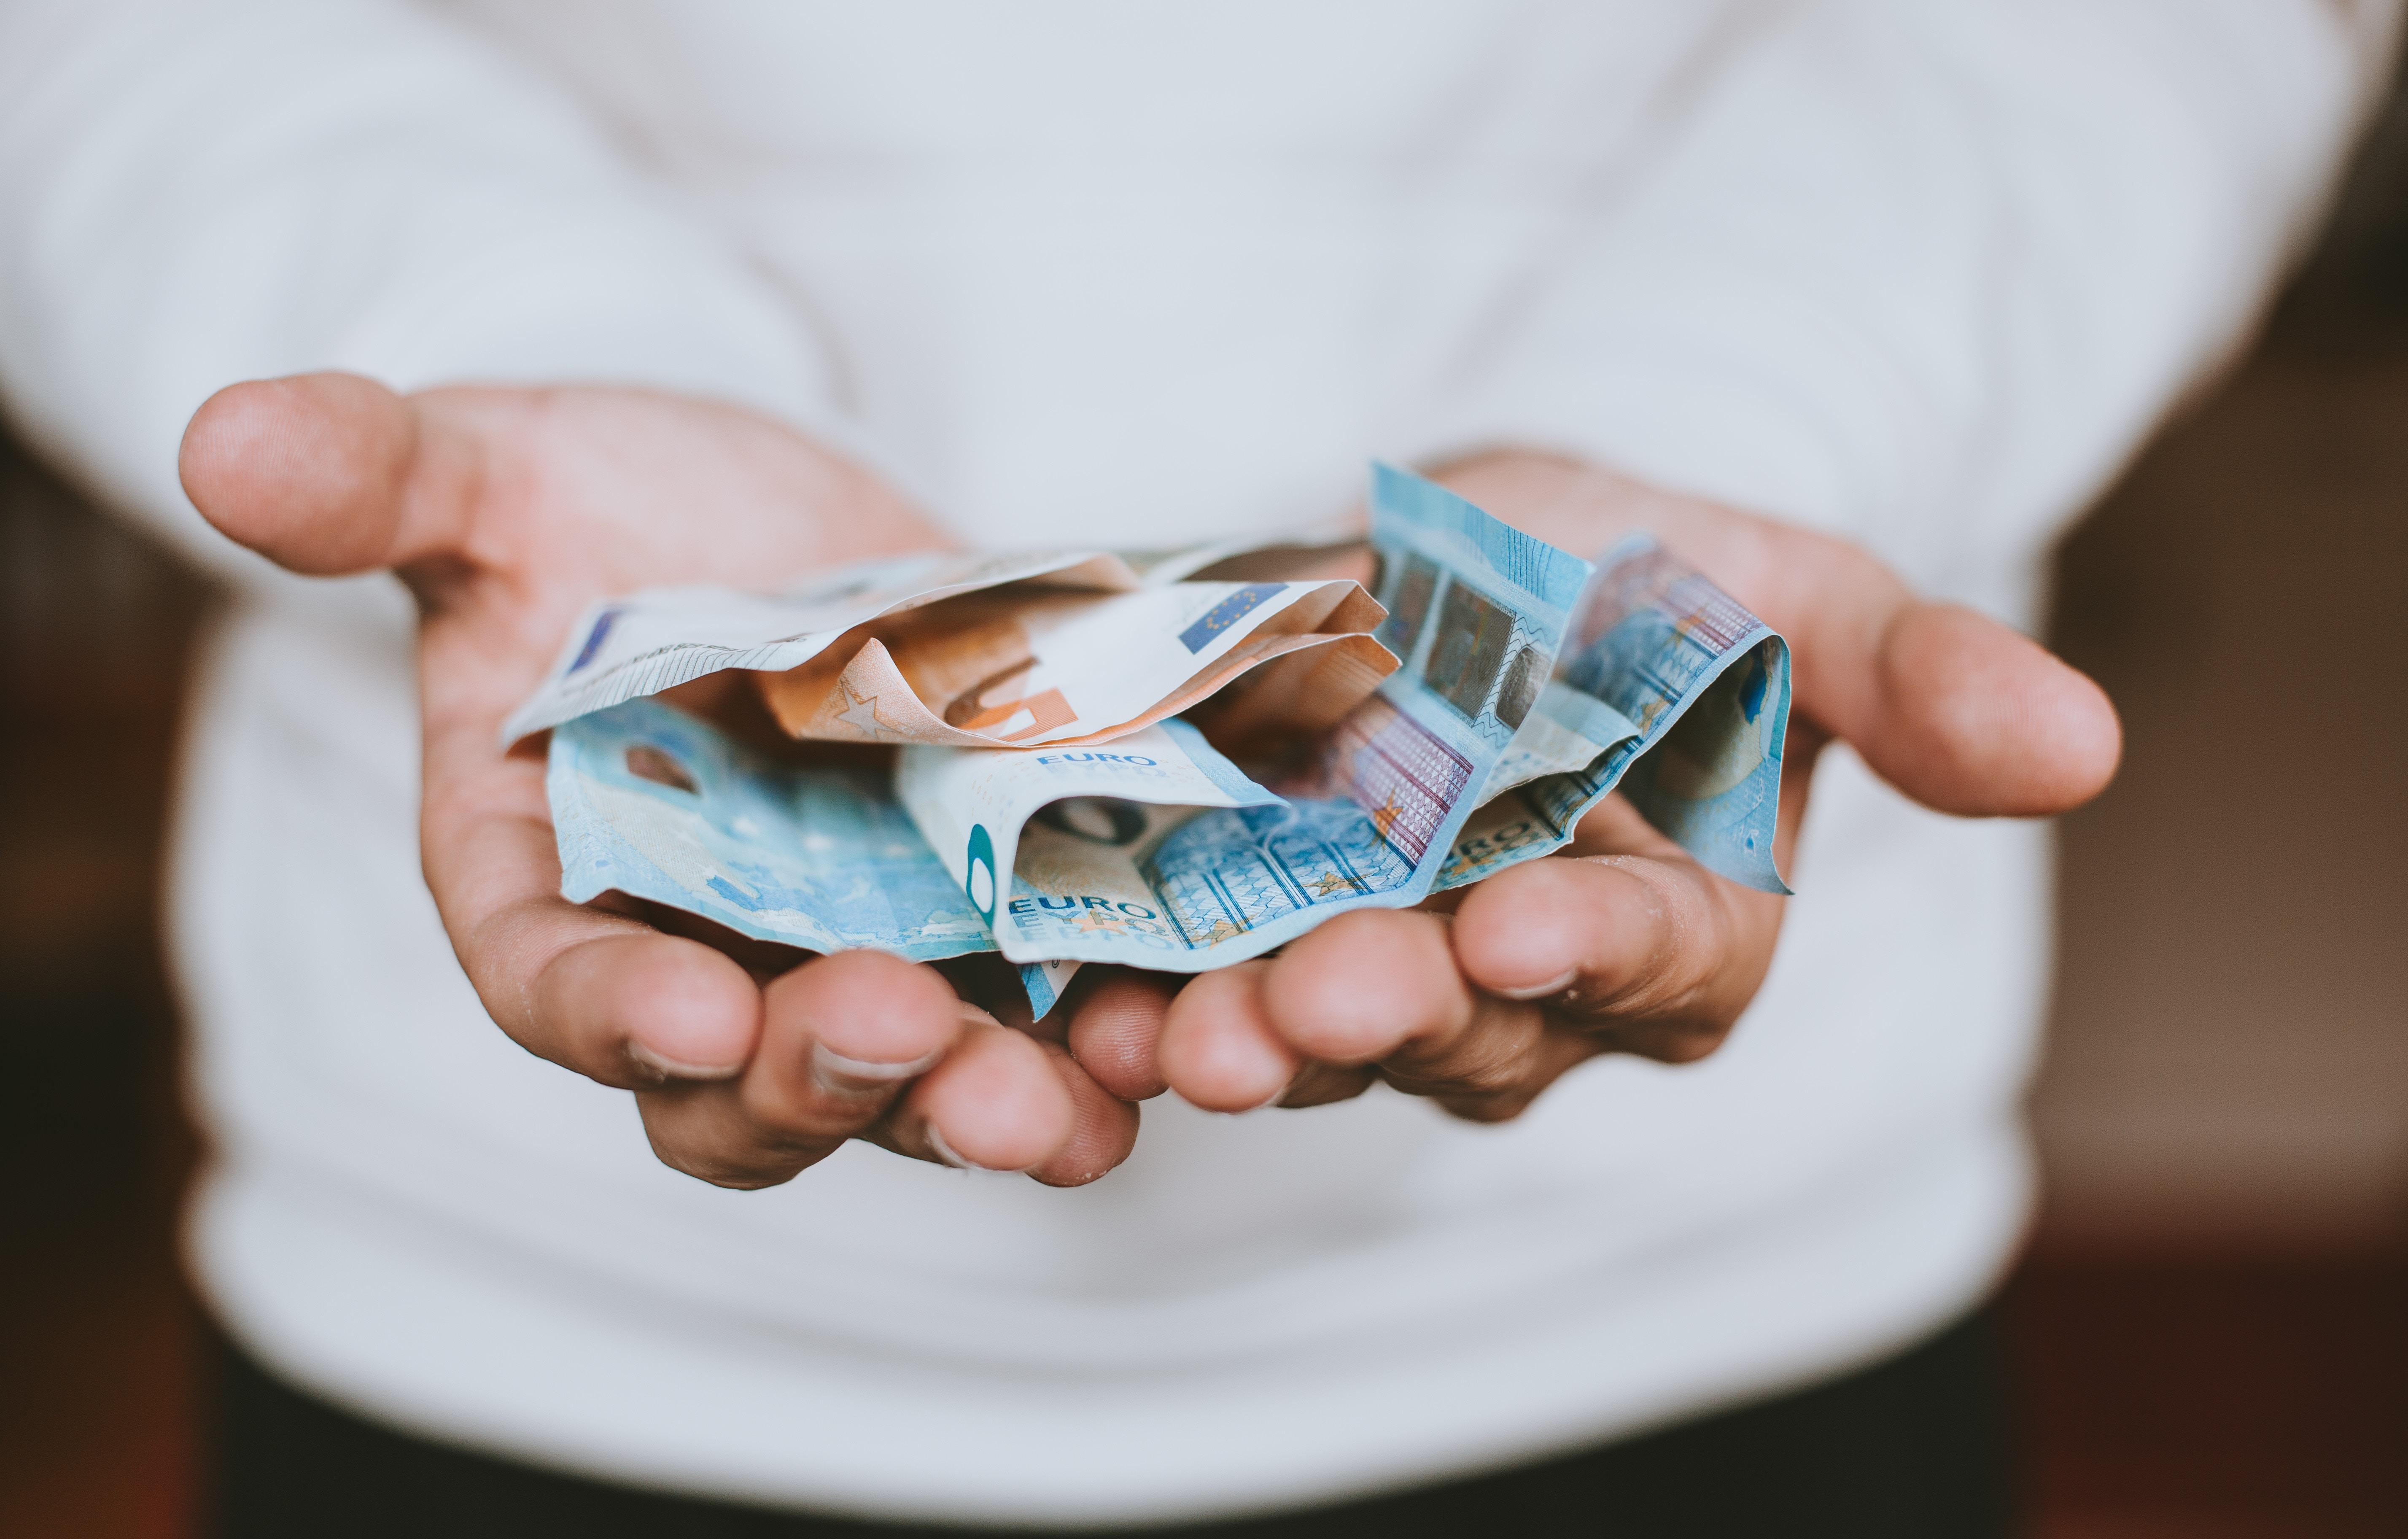 Tööjõupuudus ja palgakasv käsikäes: mis on Eesti tööturu hetkeseisu tagamaad ja miks palgad kasvavad?